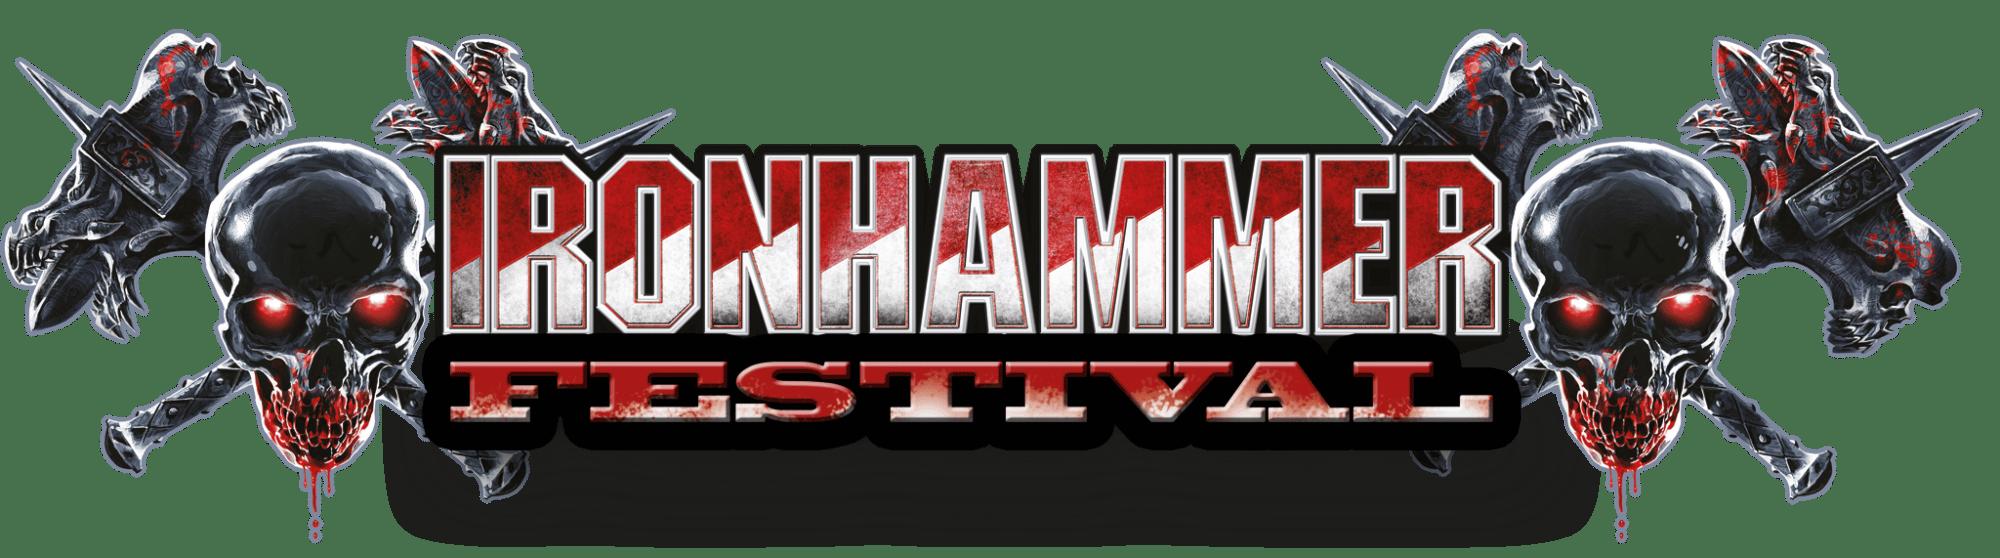 IRONHAMMER FESTIVAL